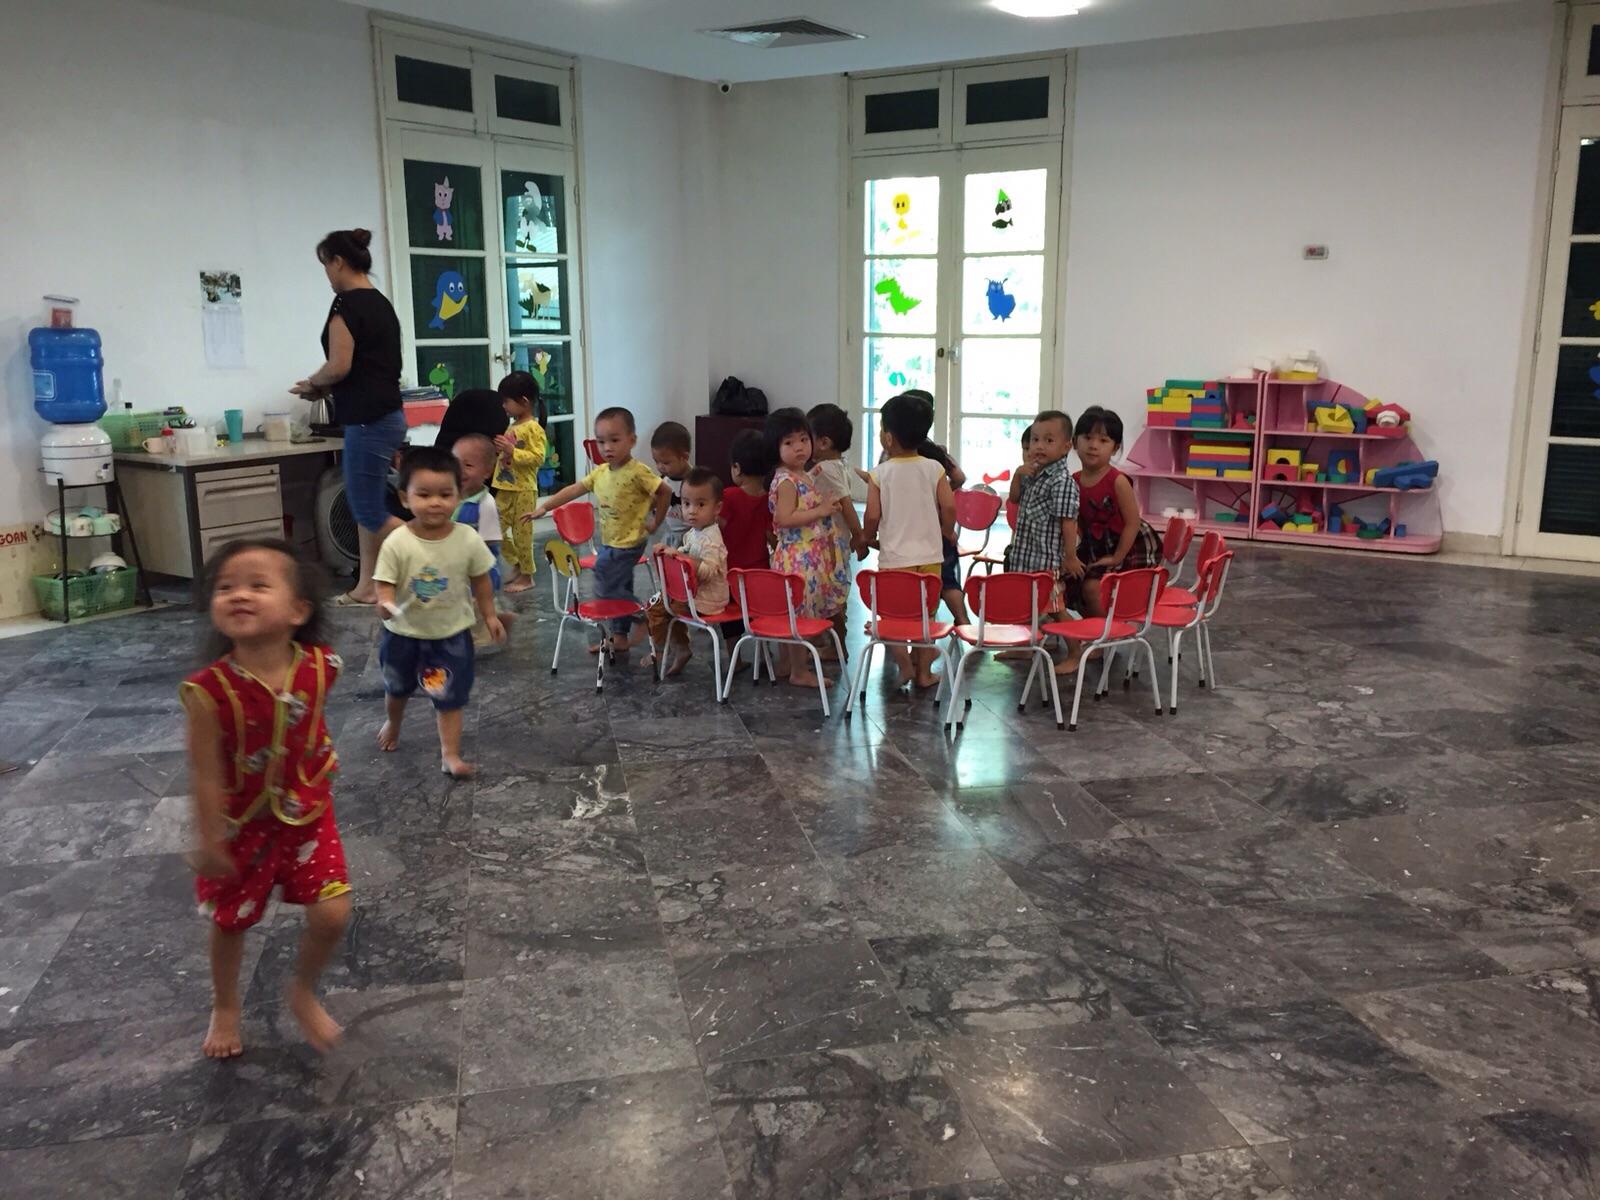 Het kinderdagverblijf